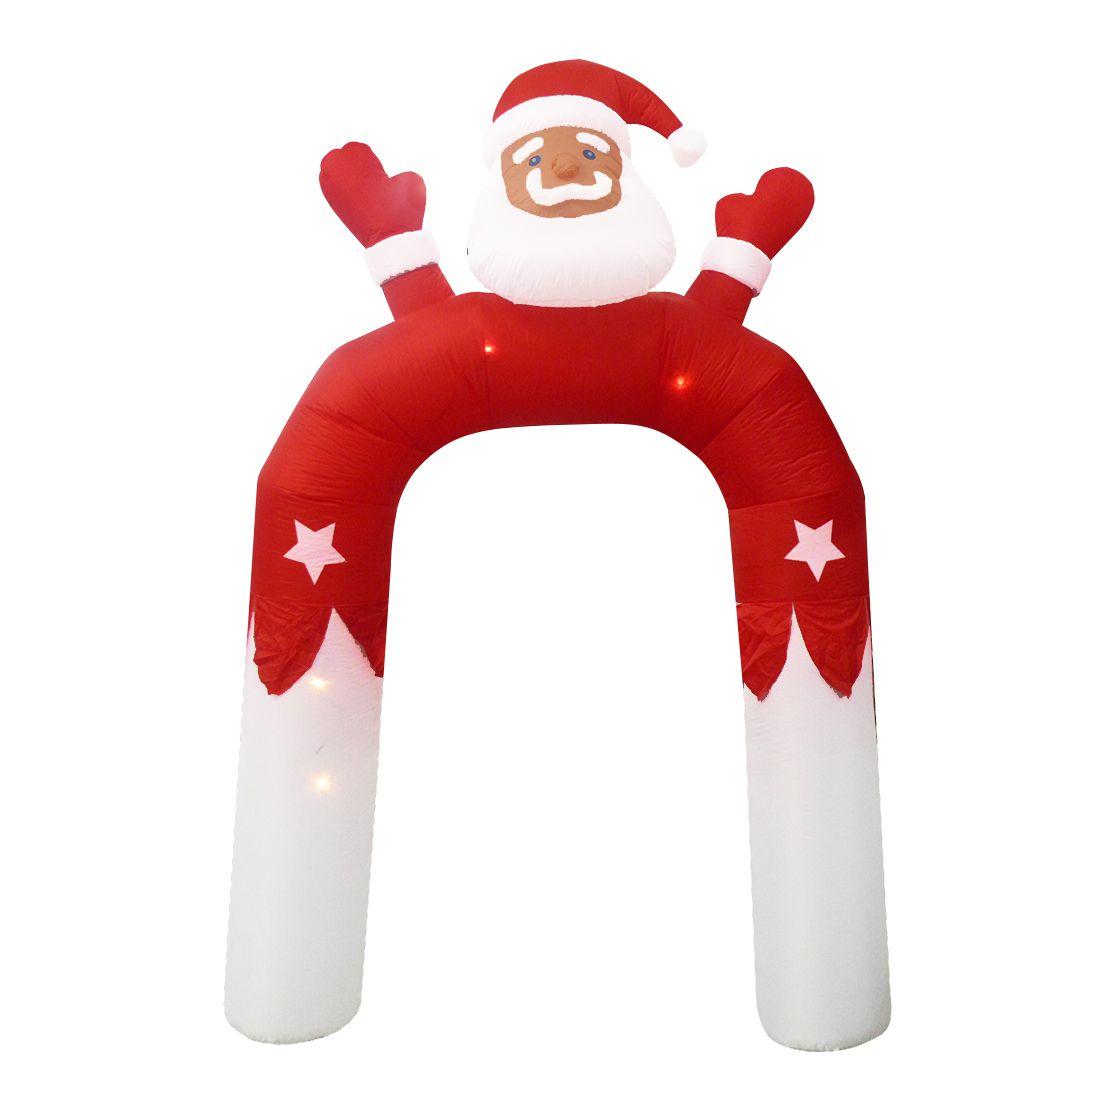 Papai Noel Natal Inflavel em Arco 3 metros e 15 cm Decoracao Natalino